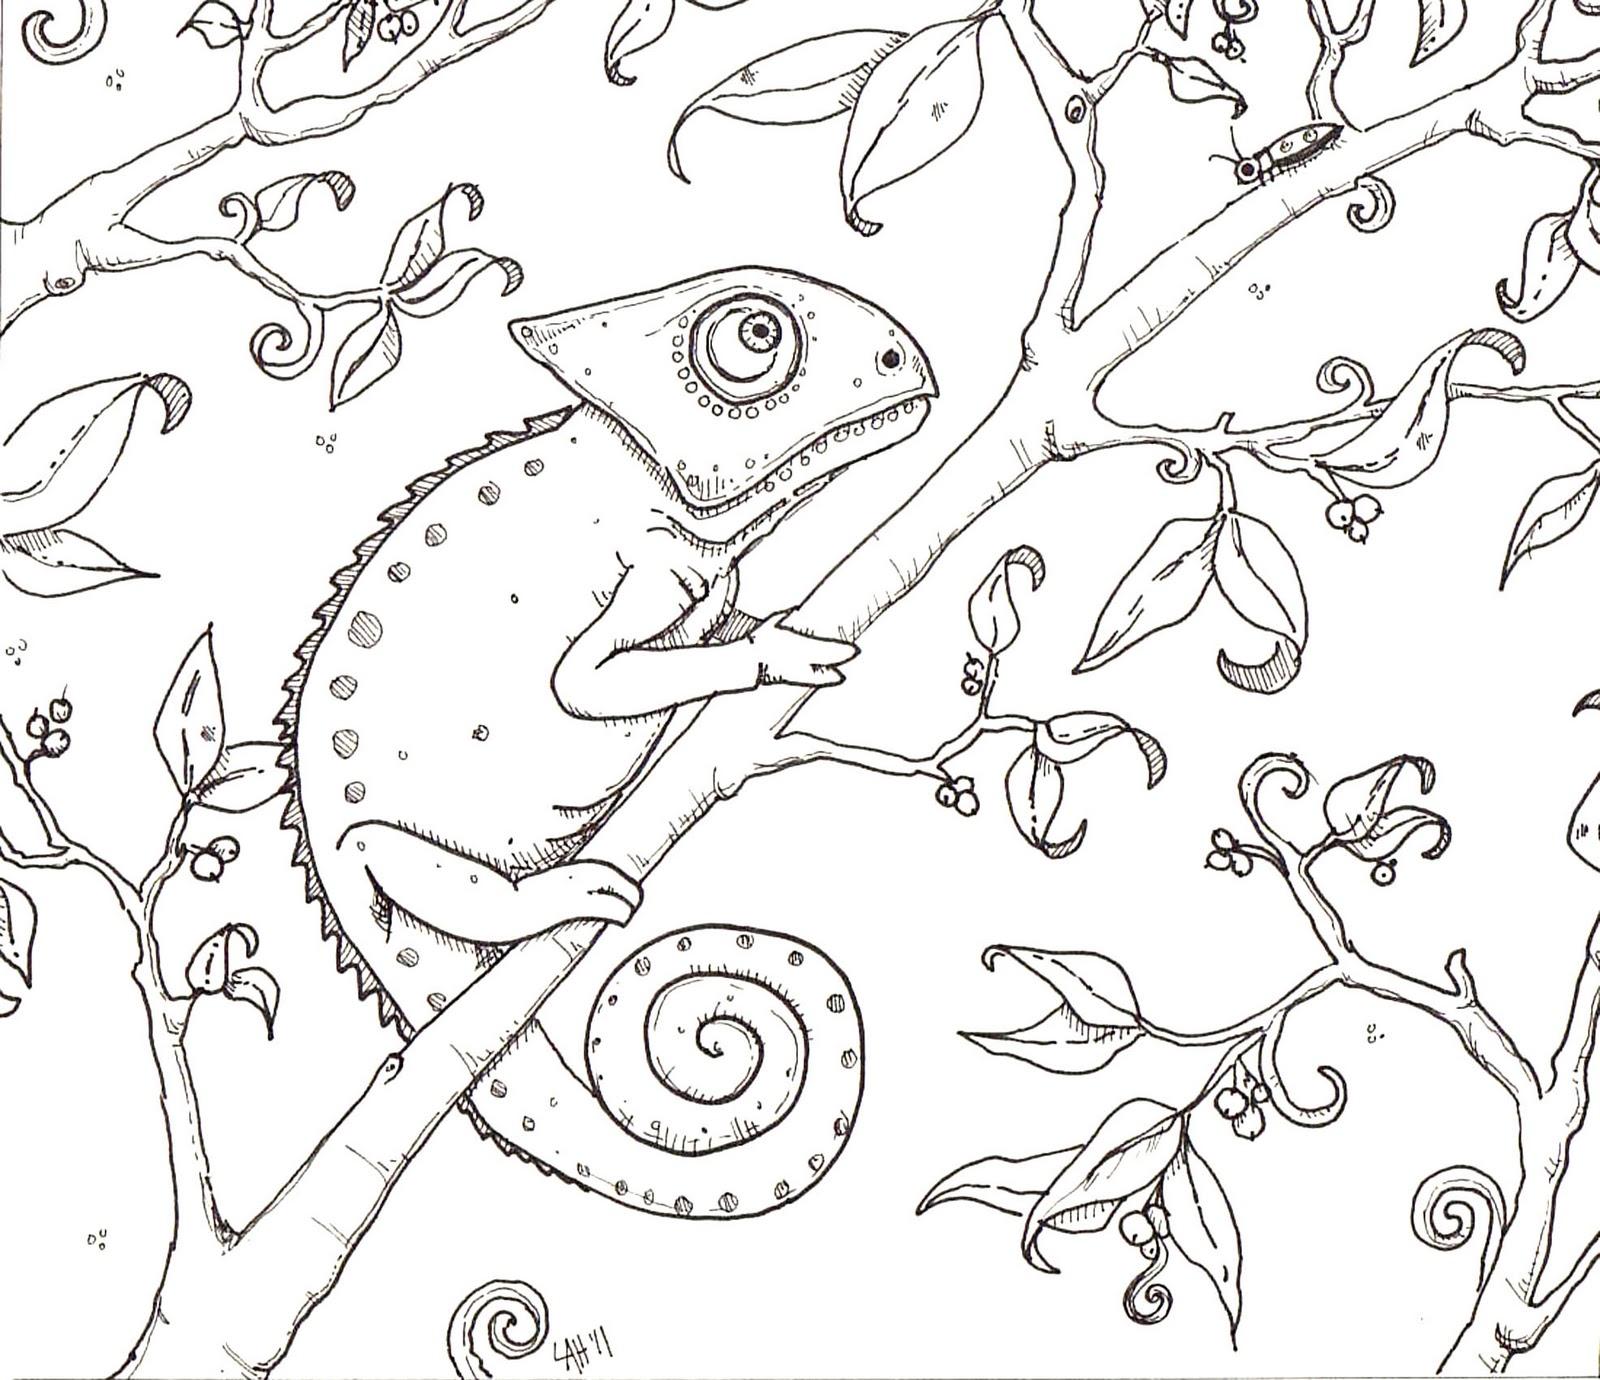 Chameleon Coloring Page on Chameleon Coloring Page Chameleons Worksheets And Kindergarten